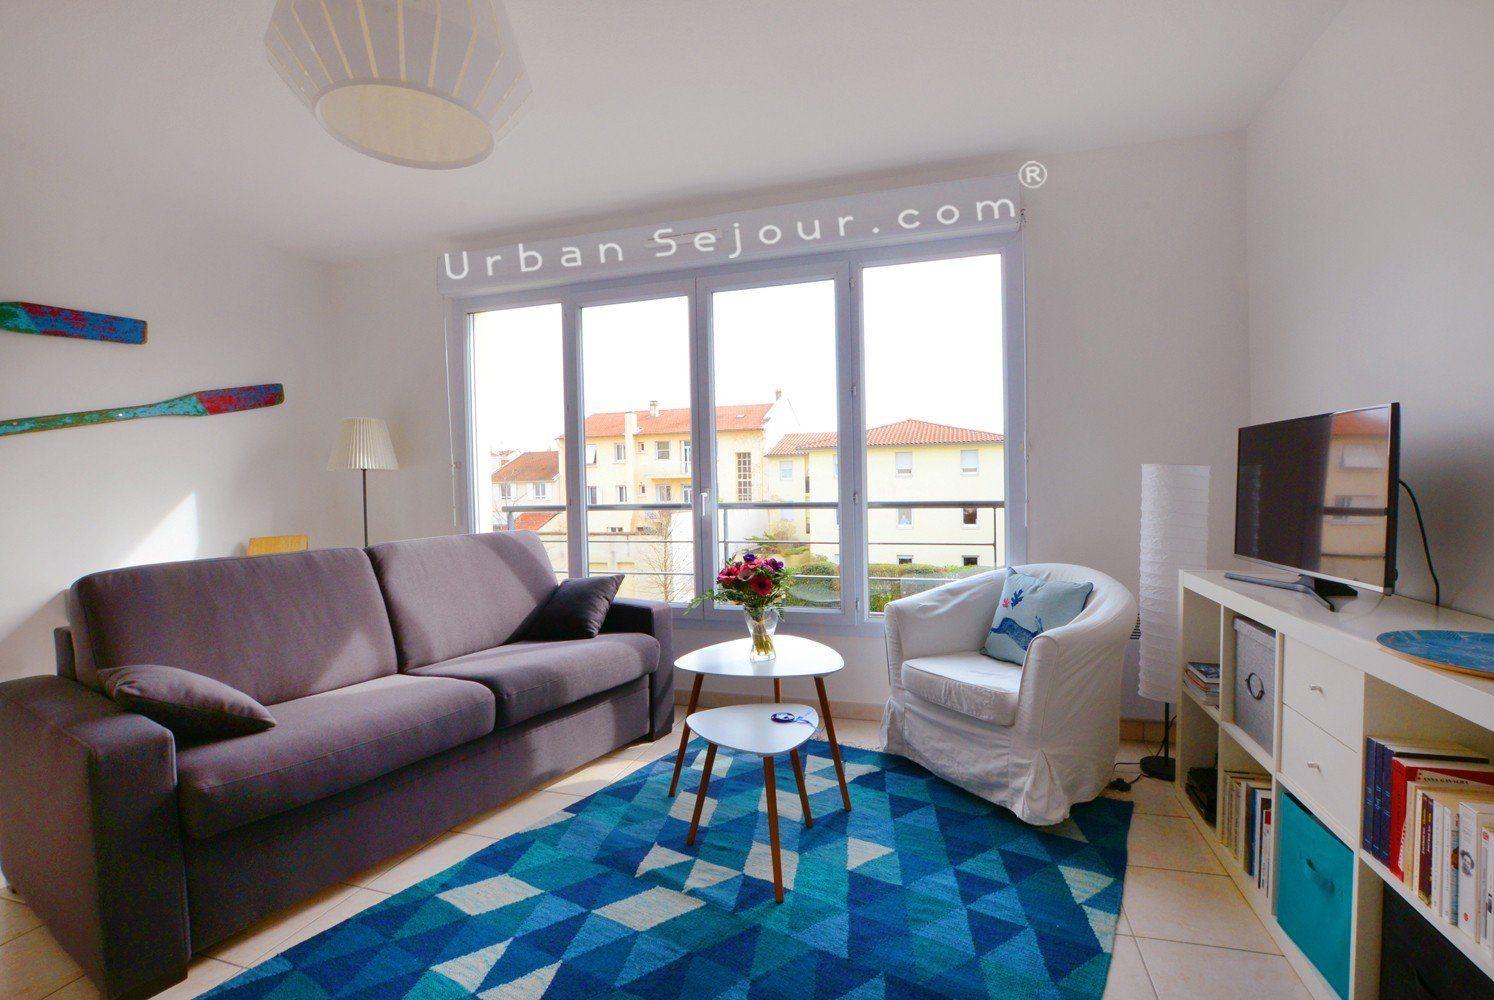 Appartement a louer lyon 3 montchat - Appartement a louer lyon meuble ...